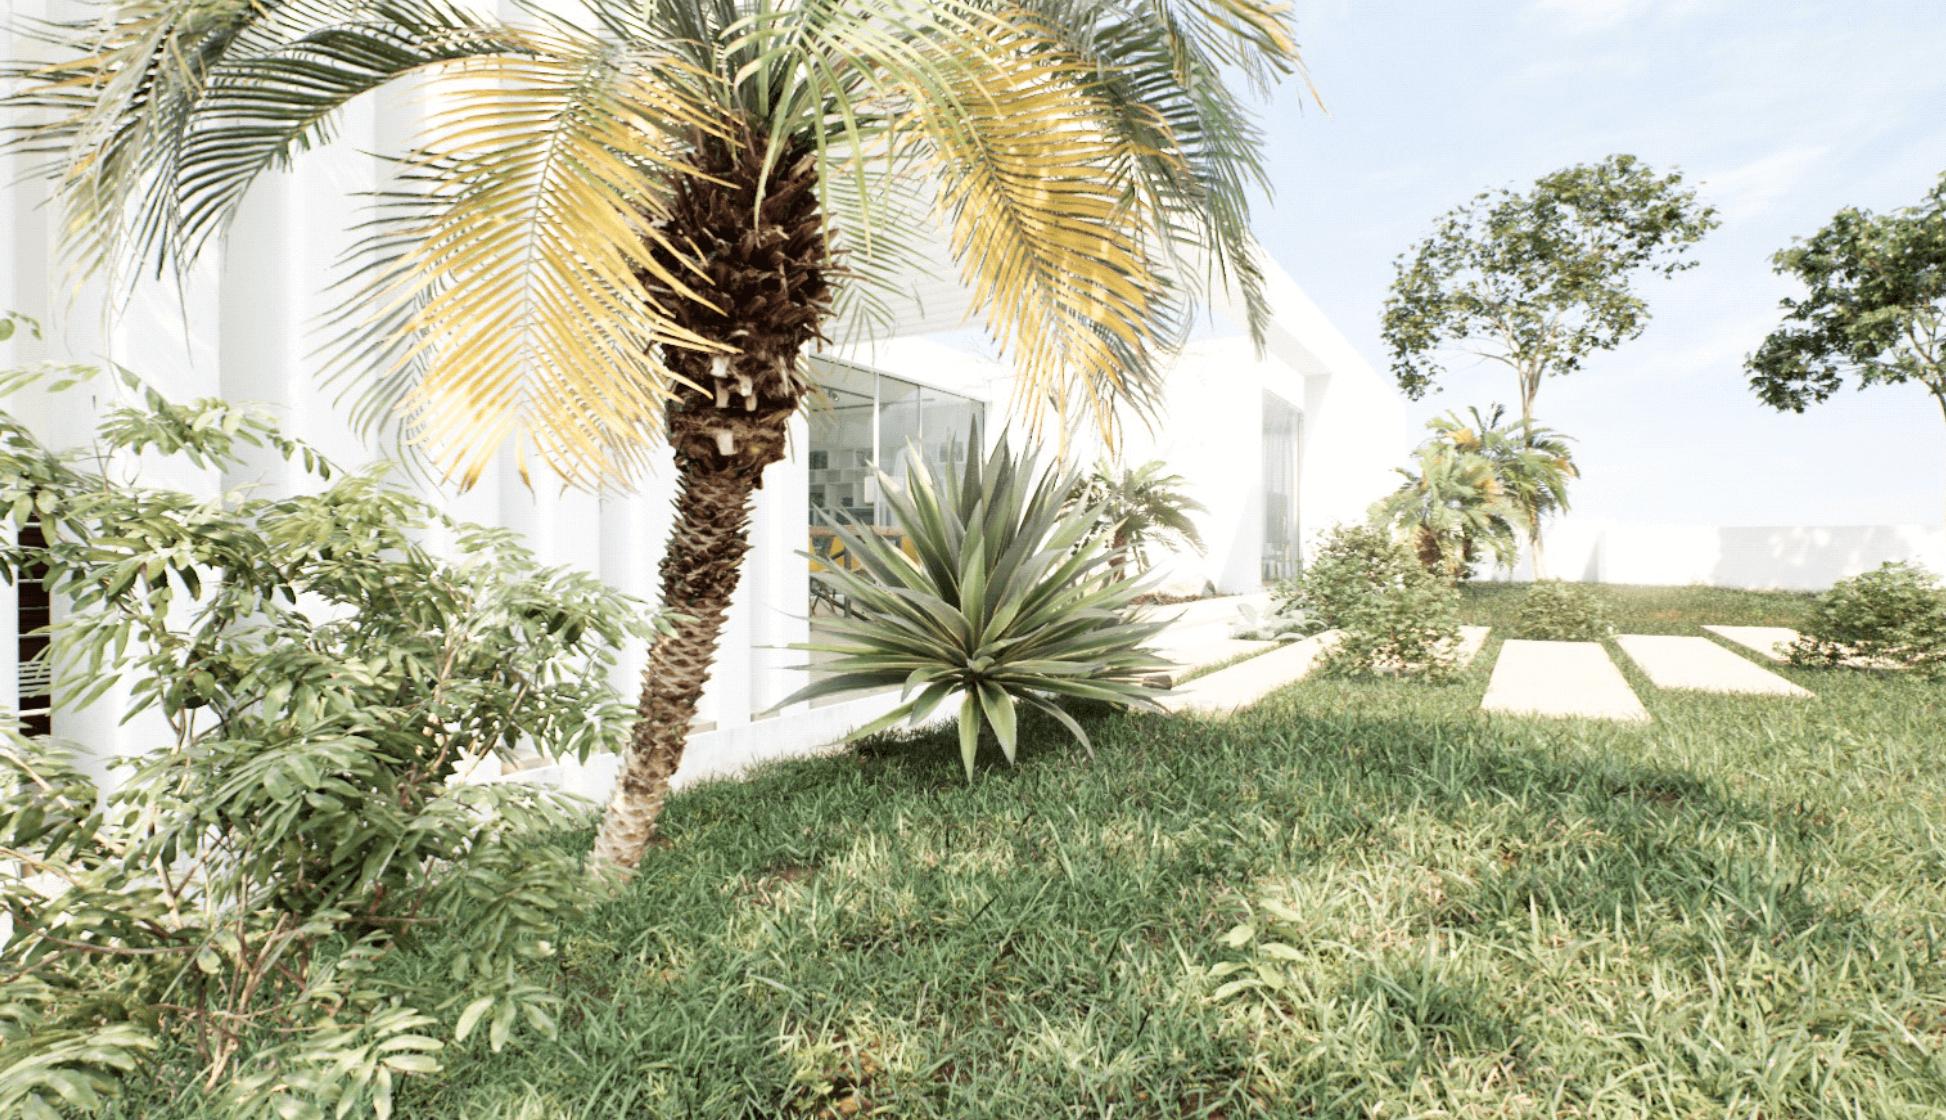 Imagem 2 - Estudo exterior:vegetação (patio exterior)